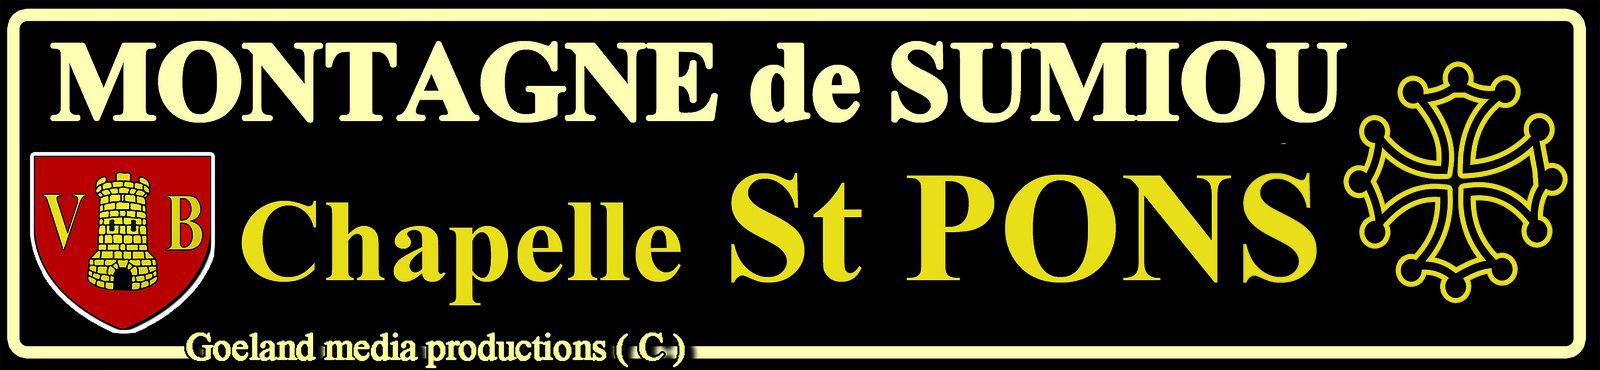 Chapelle St PONS - chapelle du vertige - goelandmedia.prod@gmail.com (c) - Alpes de Haute Provence